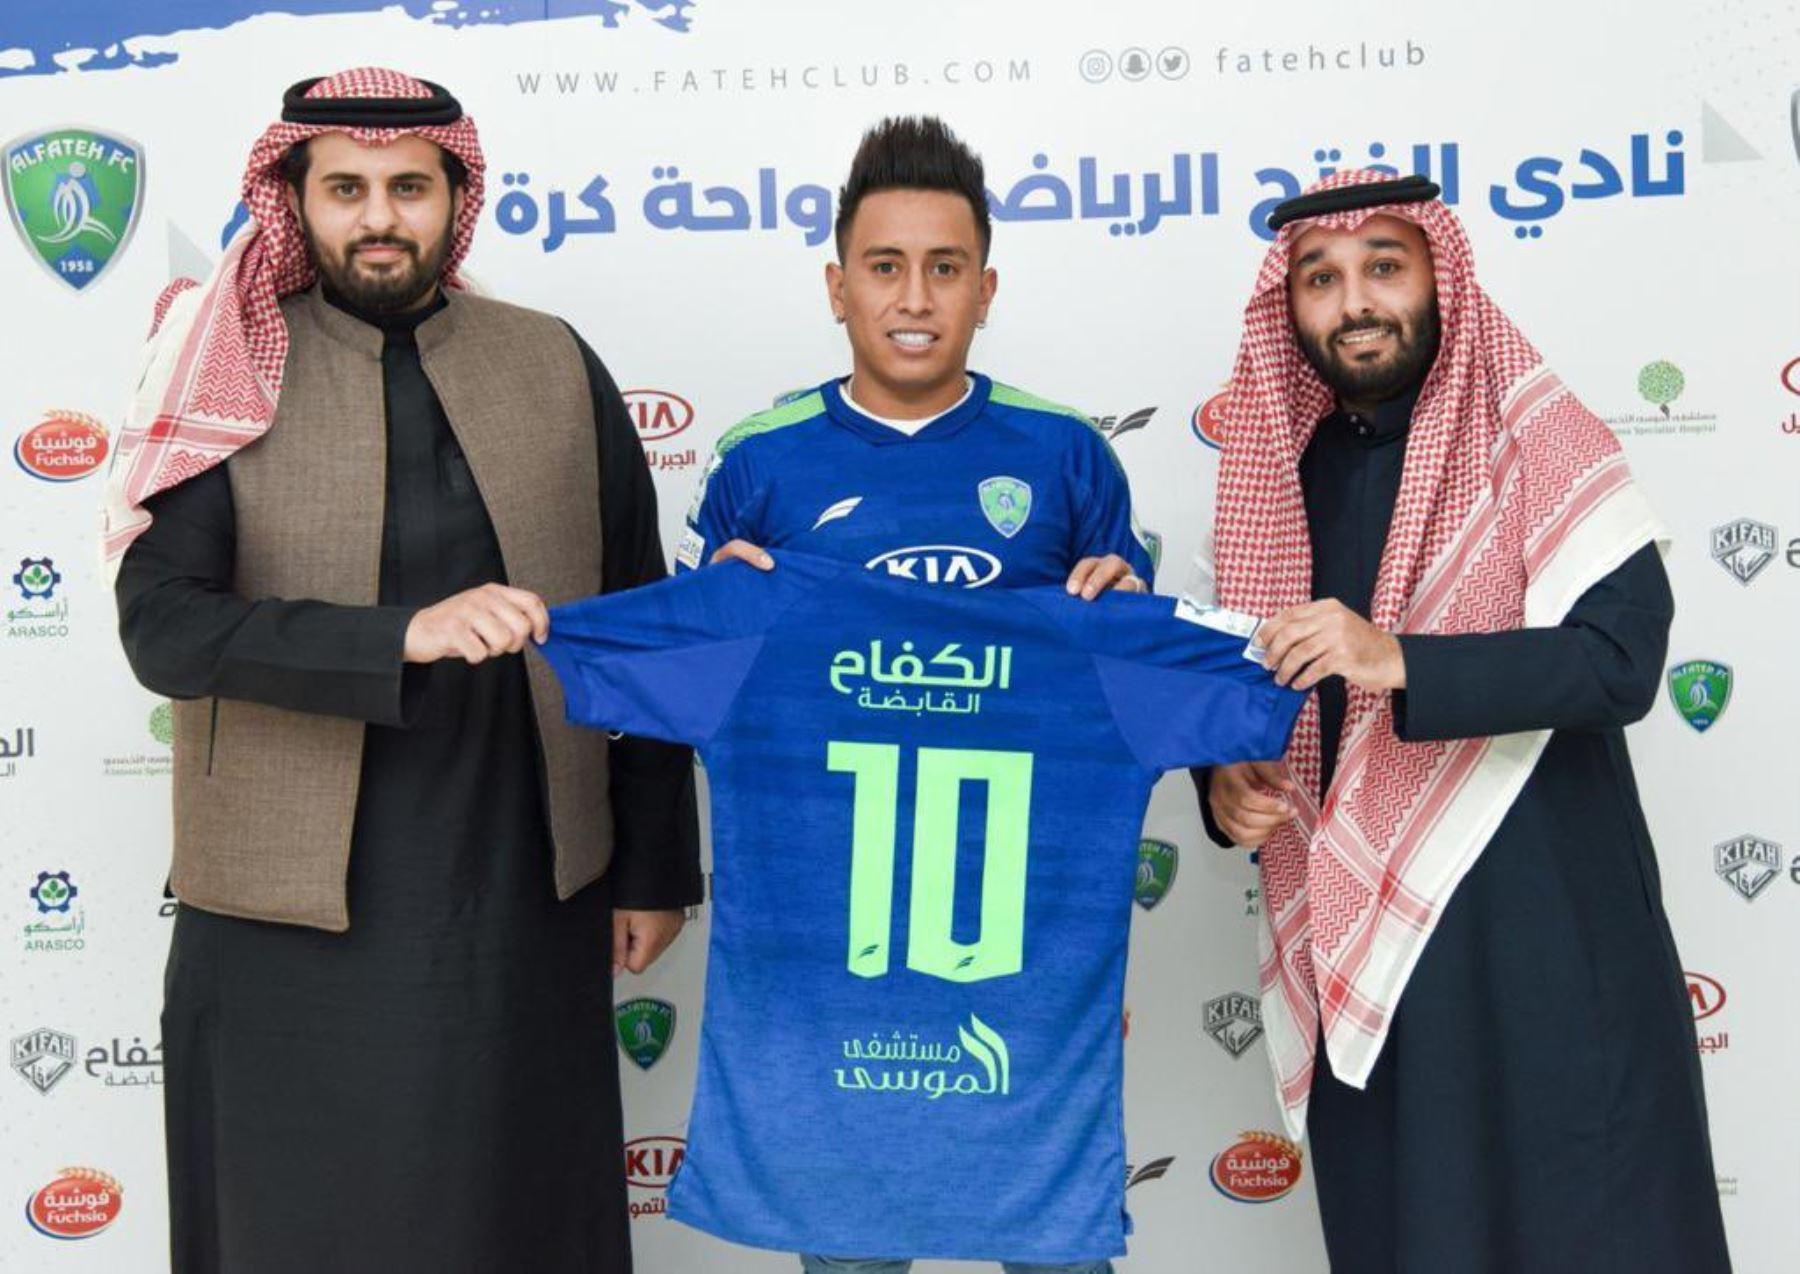 Christian Cueva se convirtió en el nuevo jugador del Al Fateh de la liga de Arabia Saudita